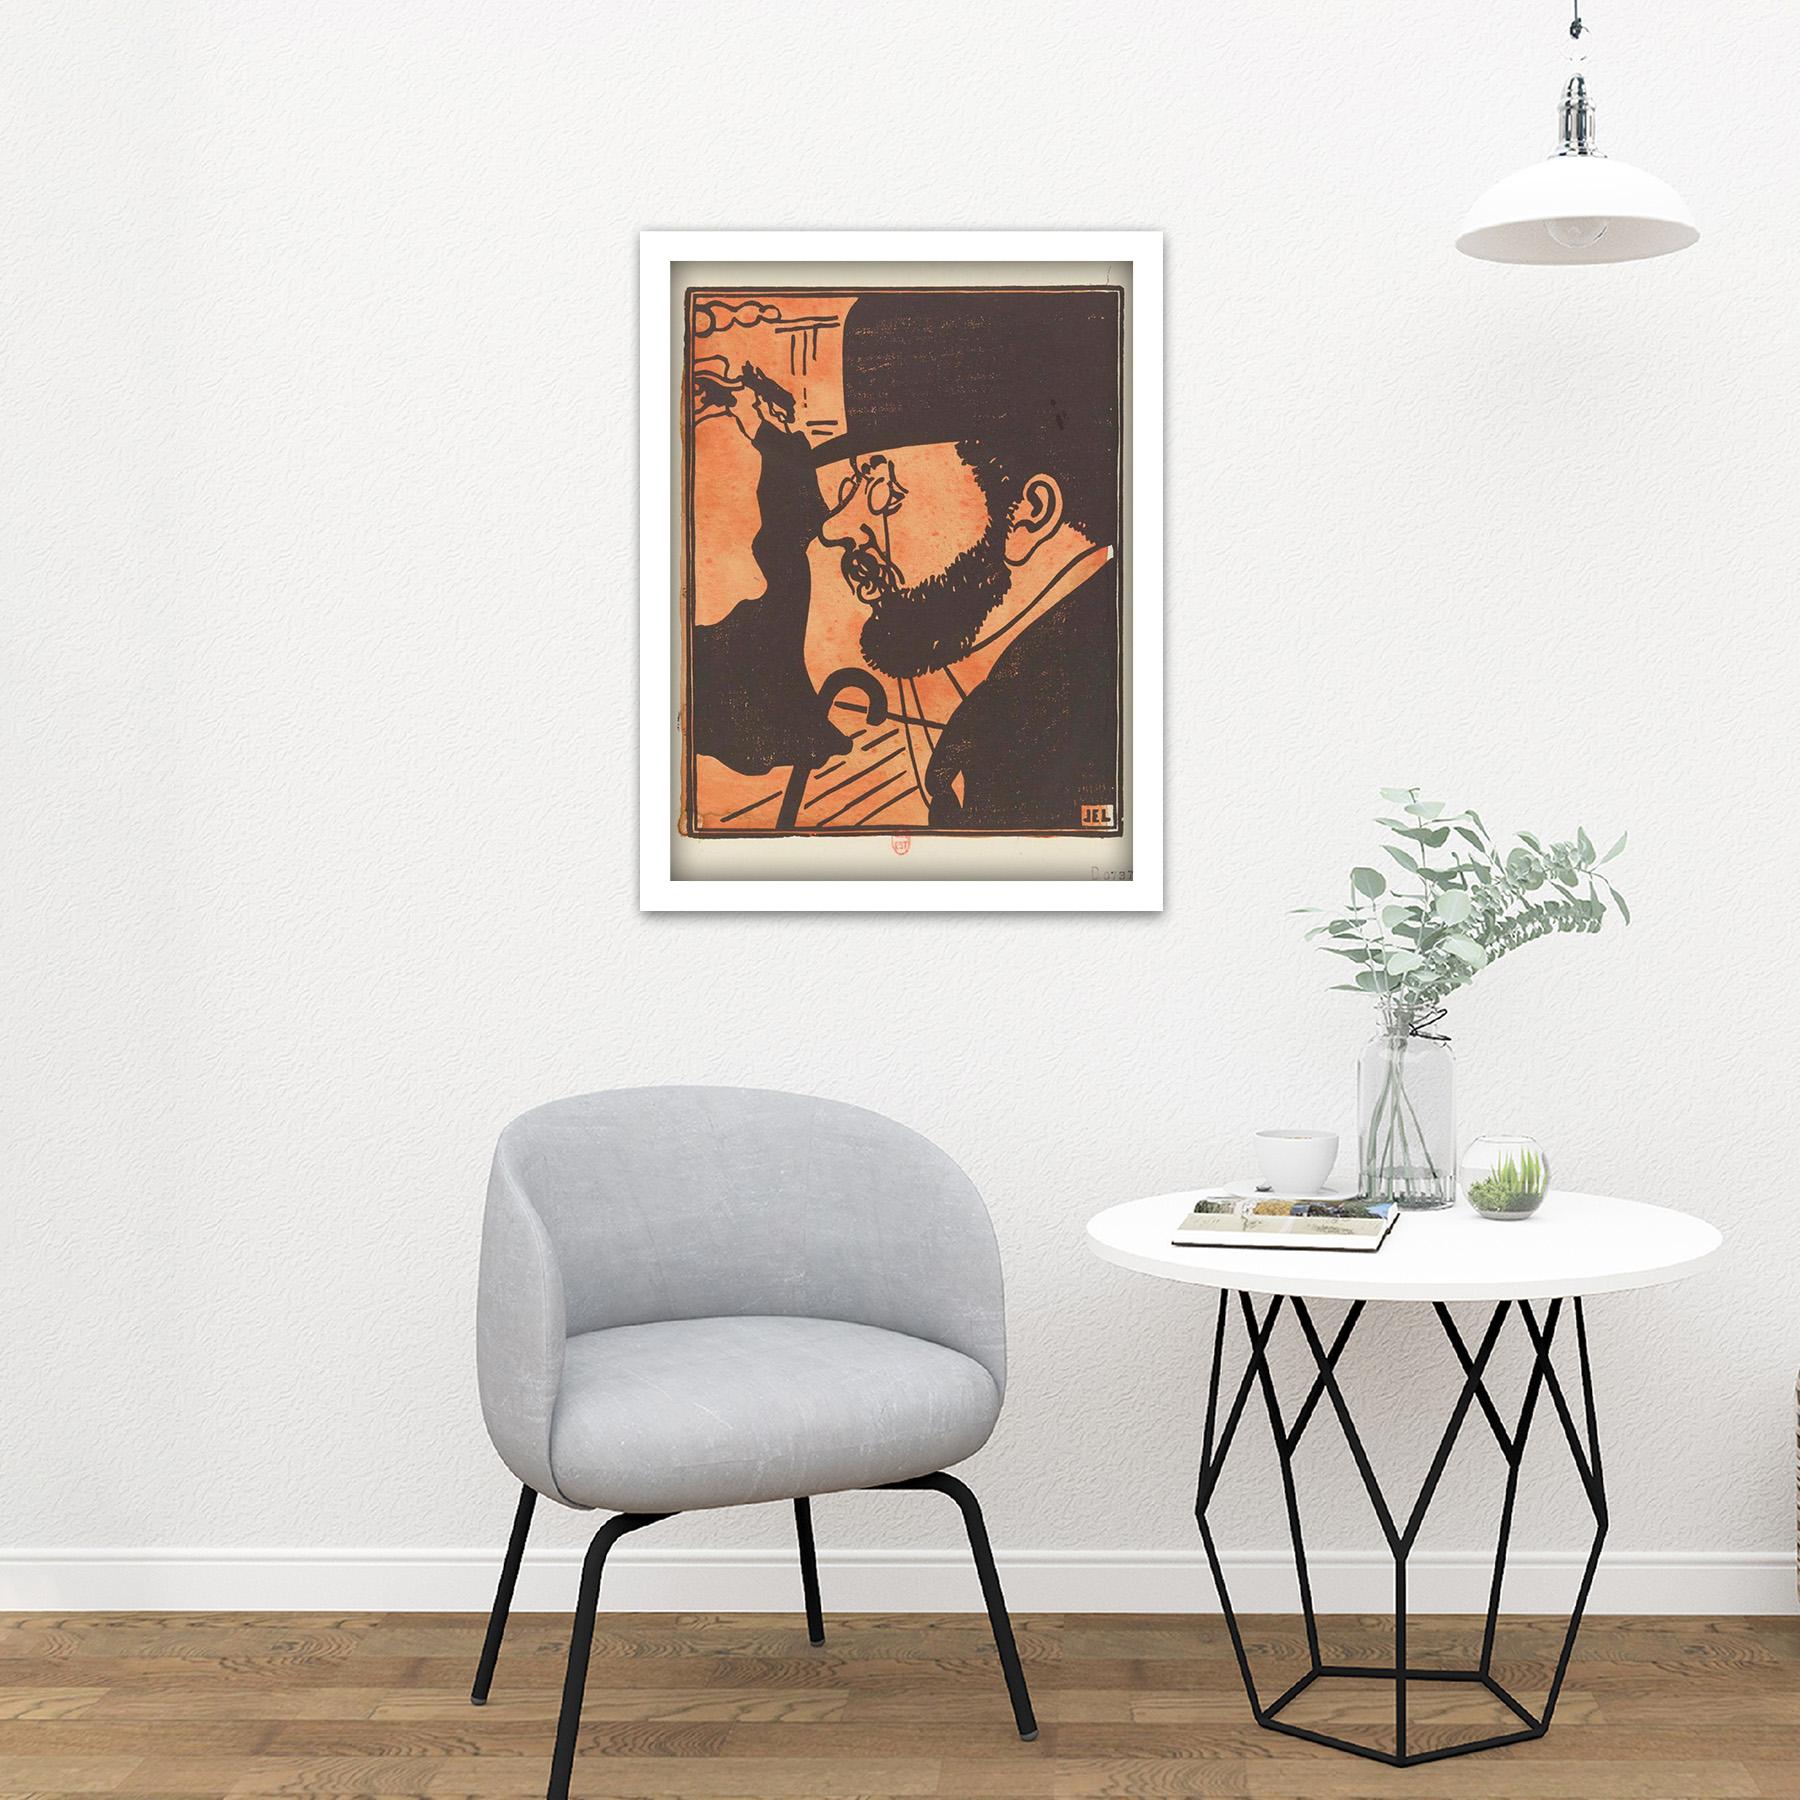 Laboureur-Portrait-Toulouse-Lautrec-Engraving-Large-Framed-Art-Print thumbnail 23